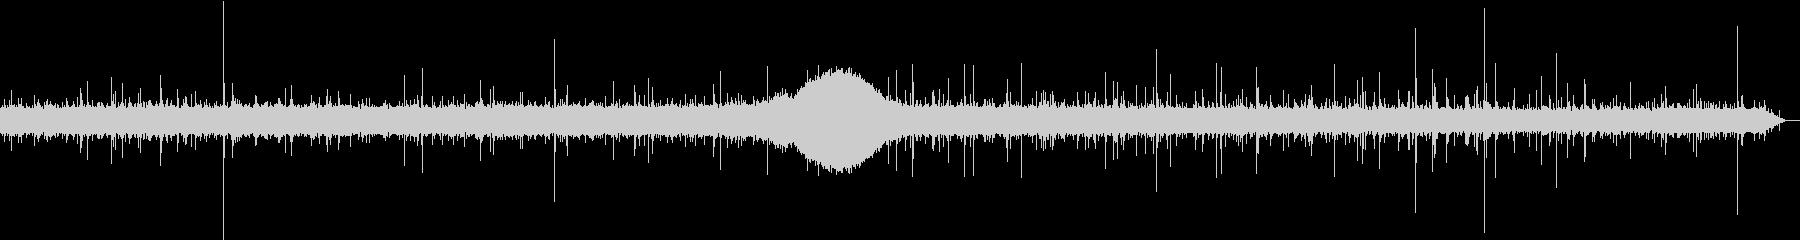 【生録音】日本 東京に降る雨の音 5の未再生の波形